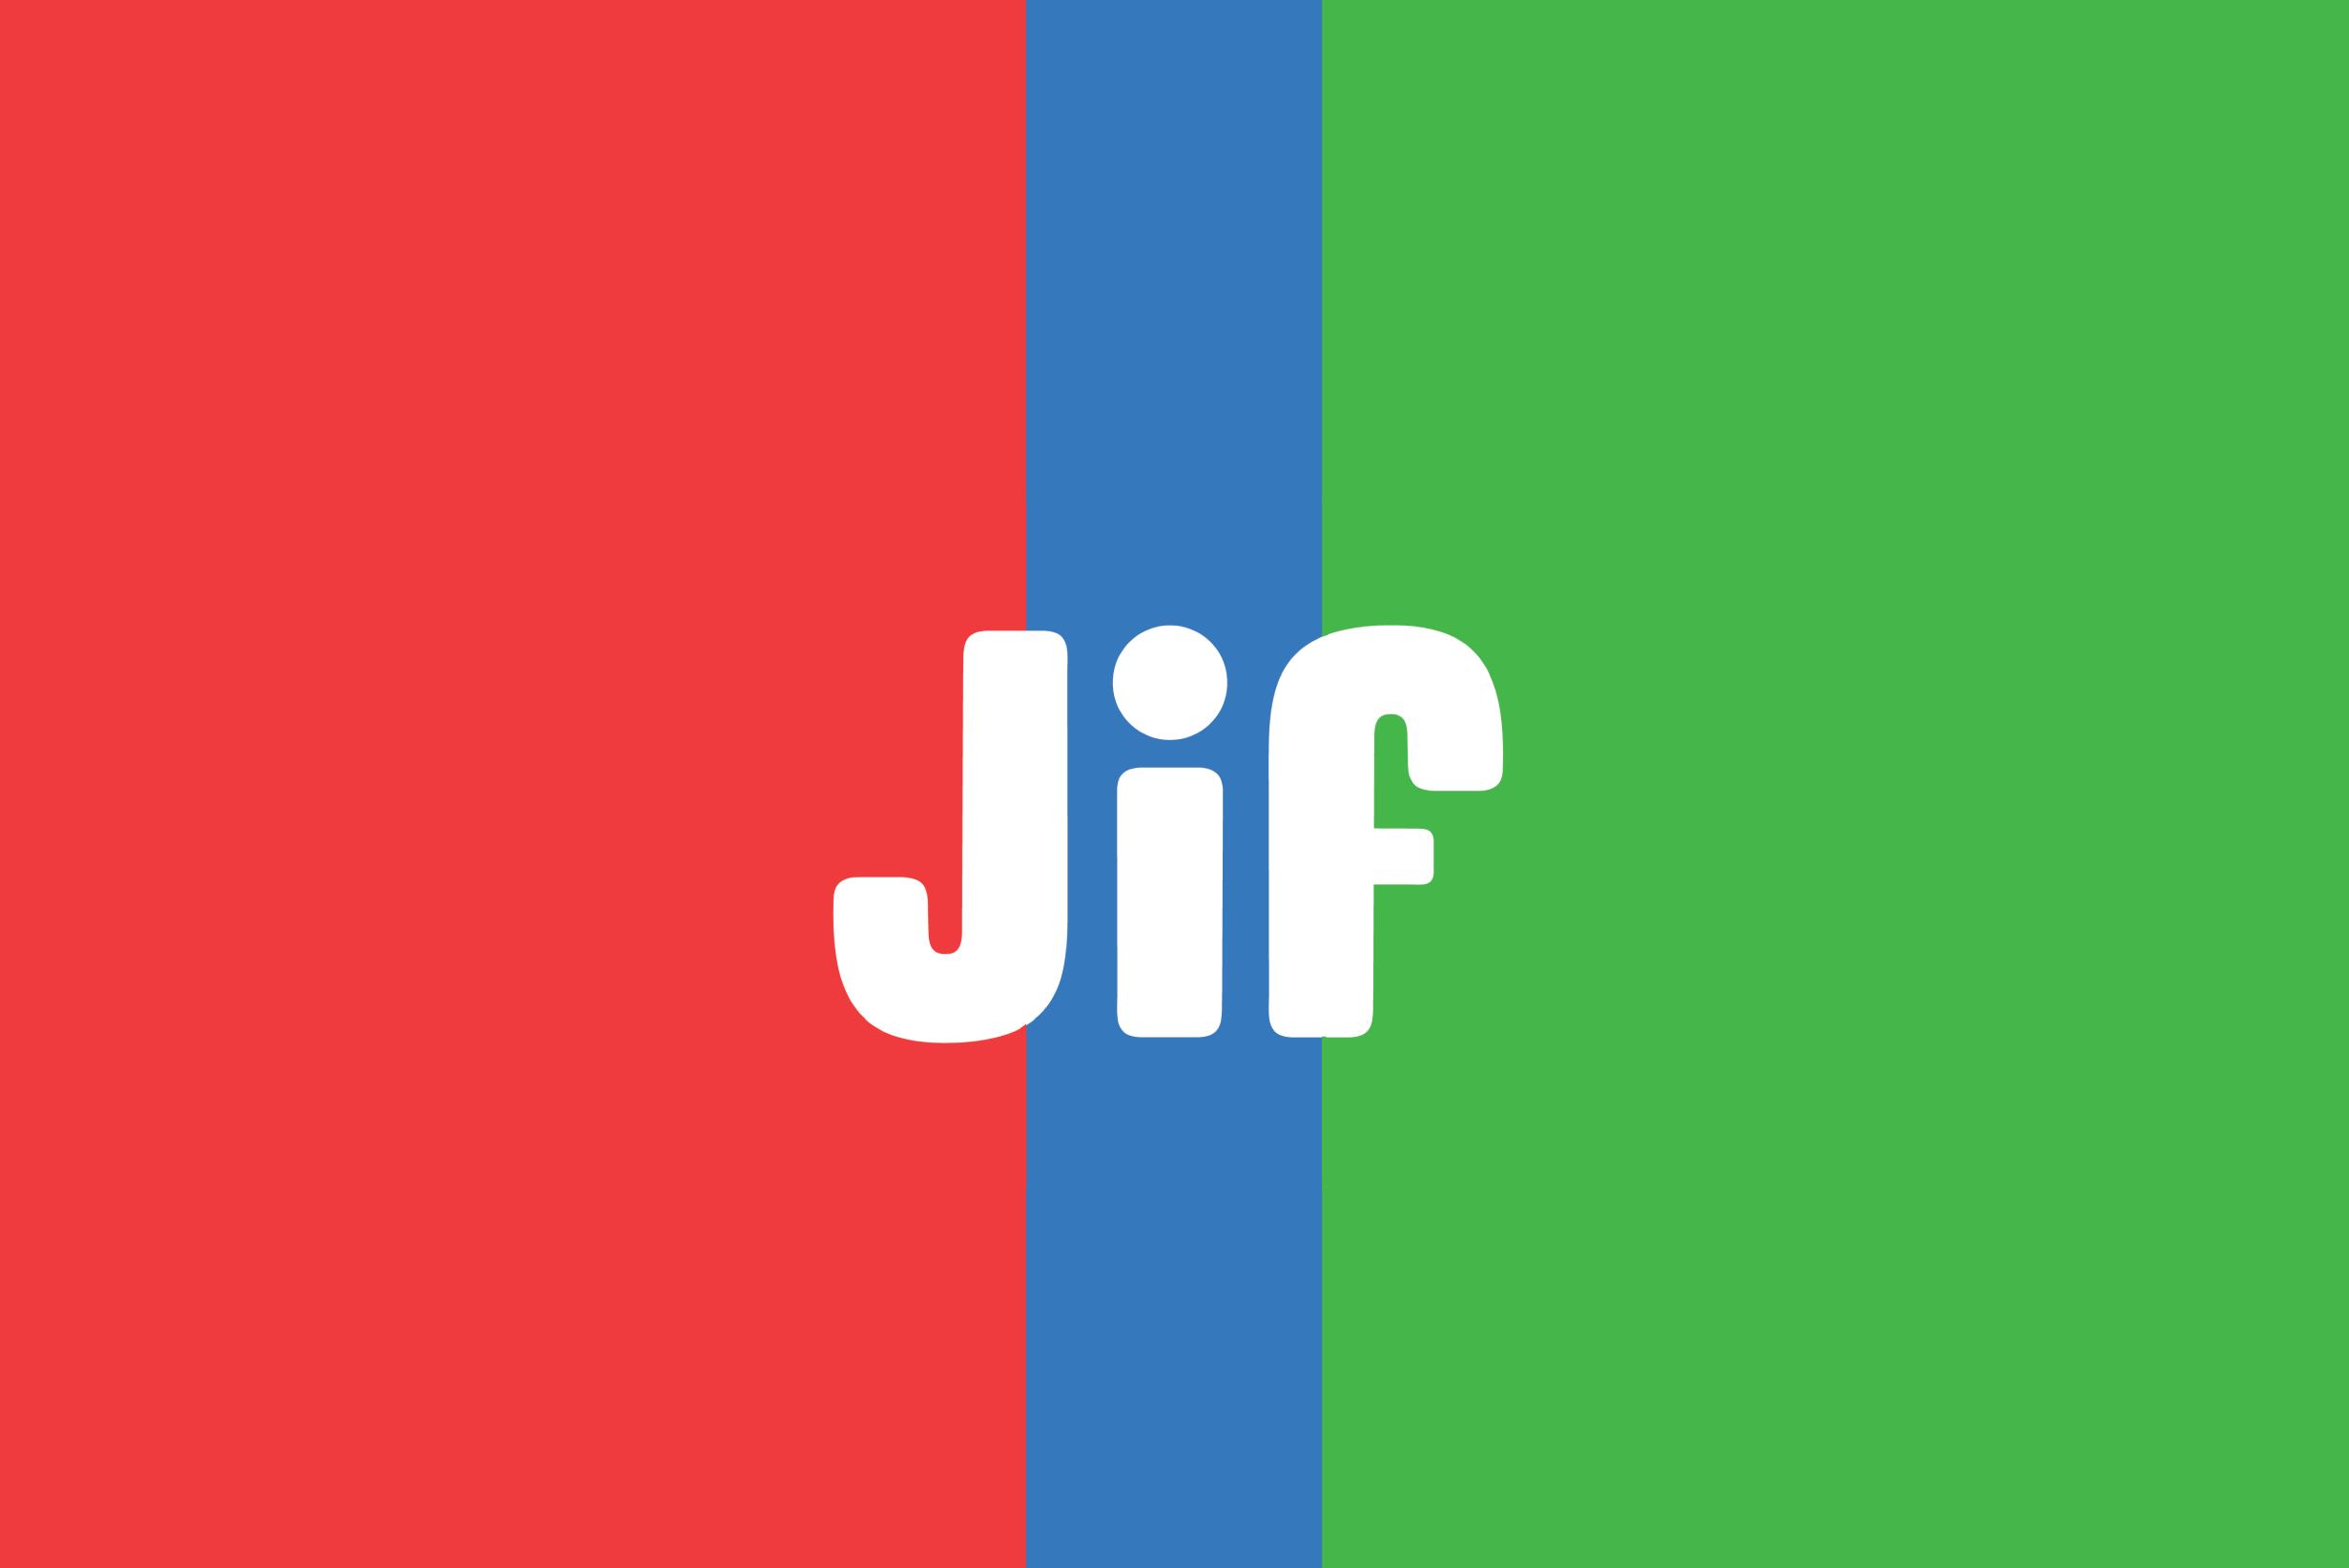 Jif logo png » PNG Image.